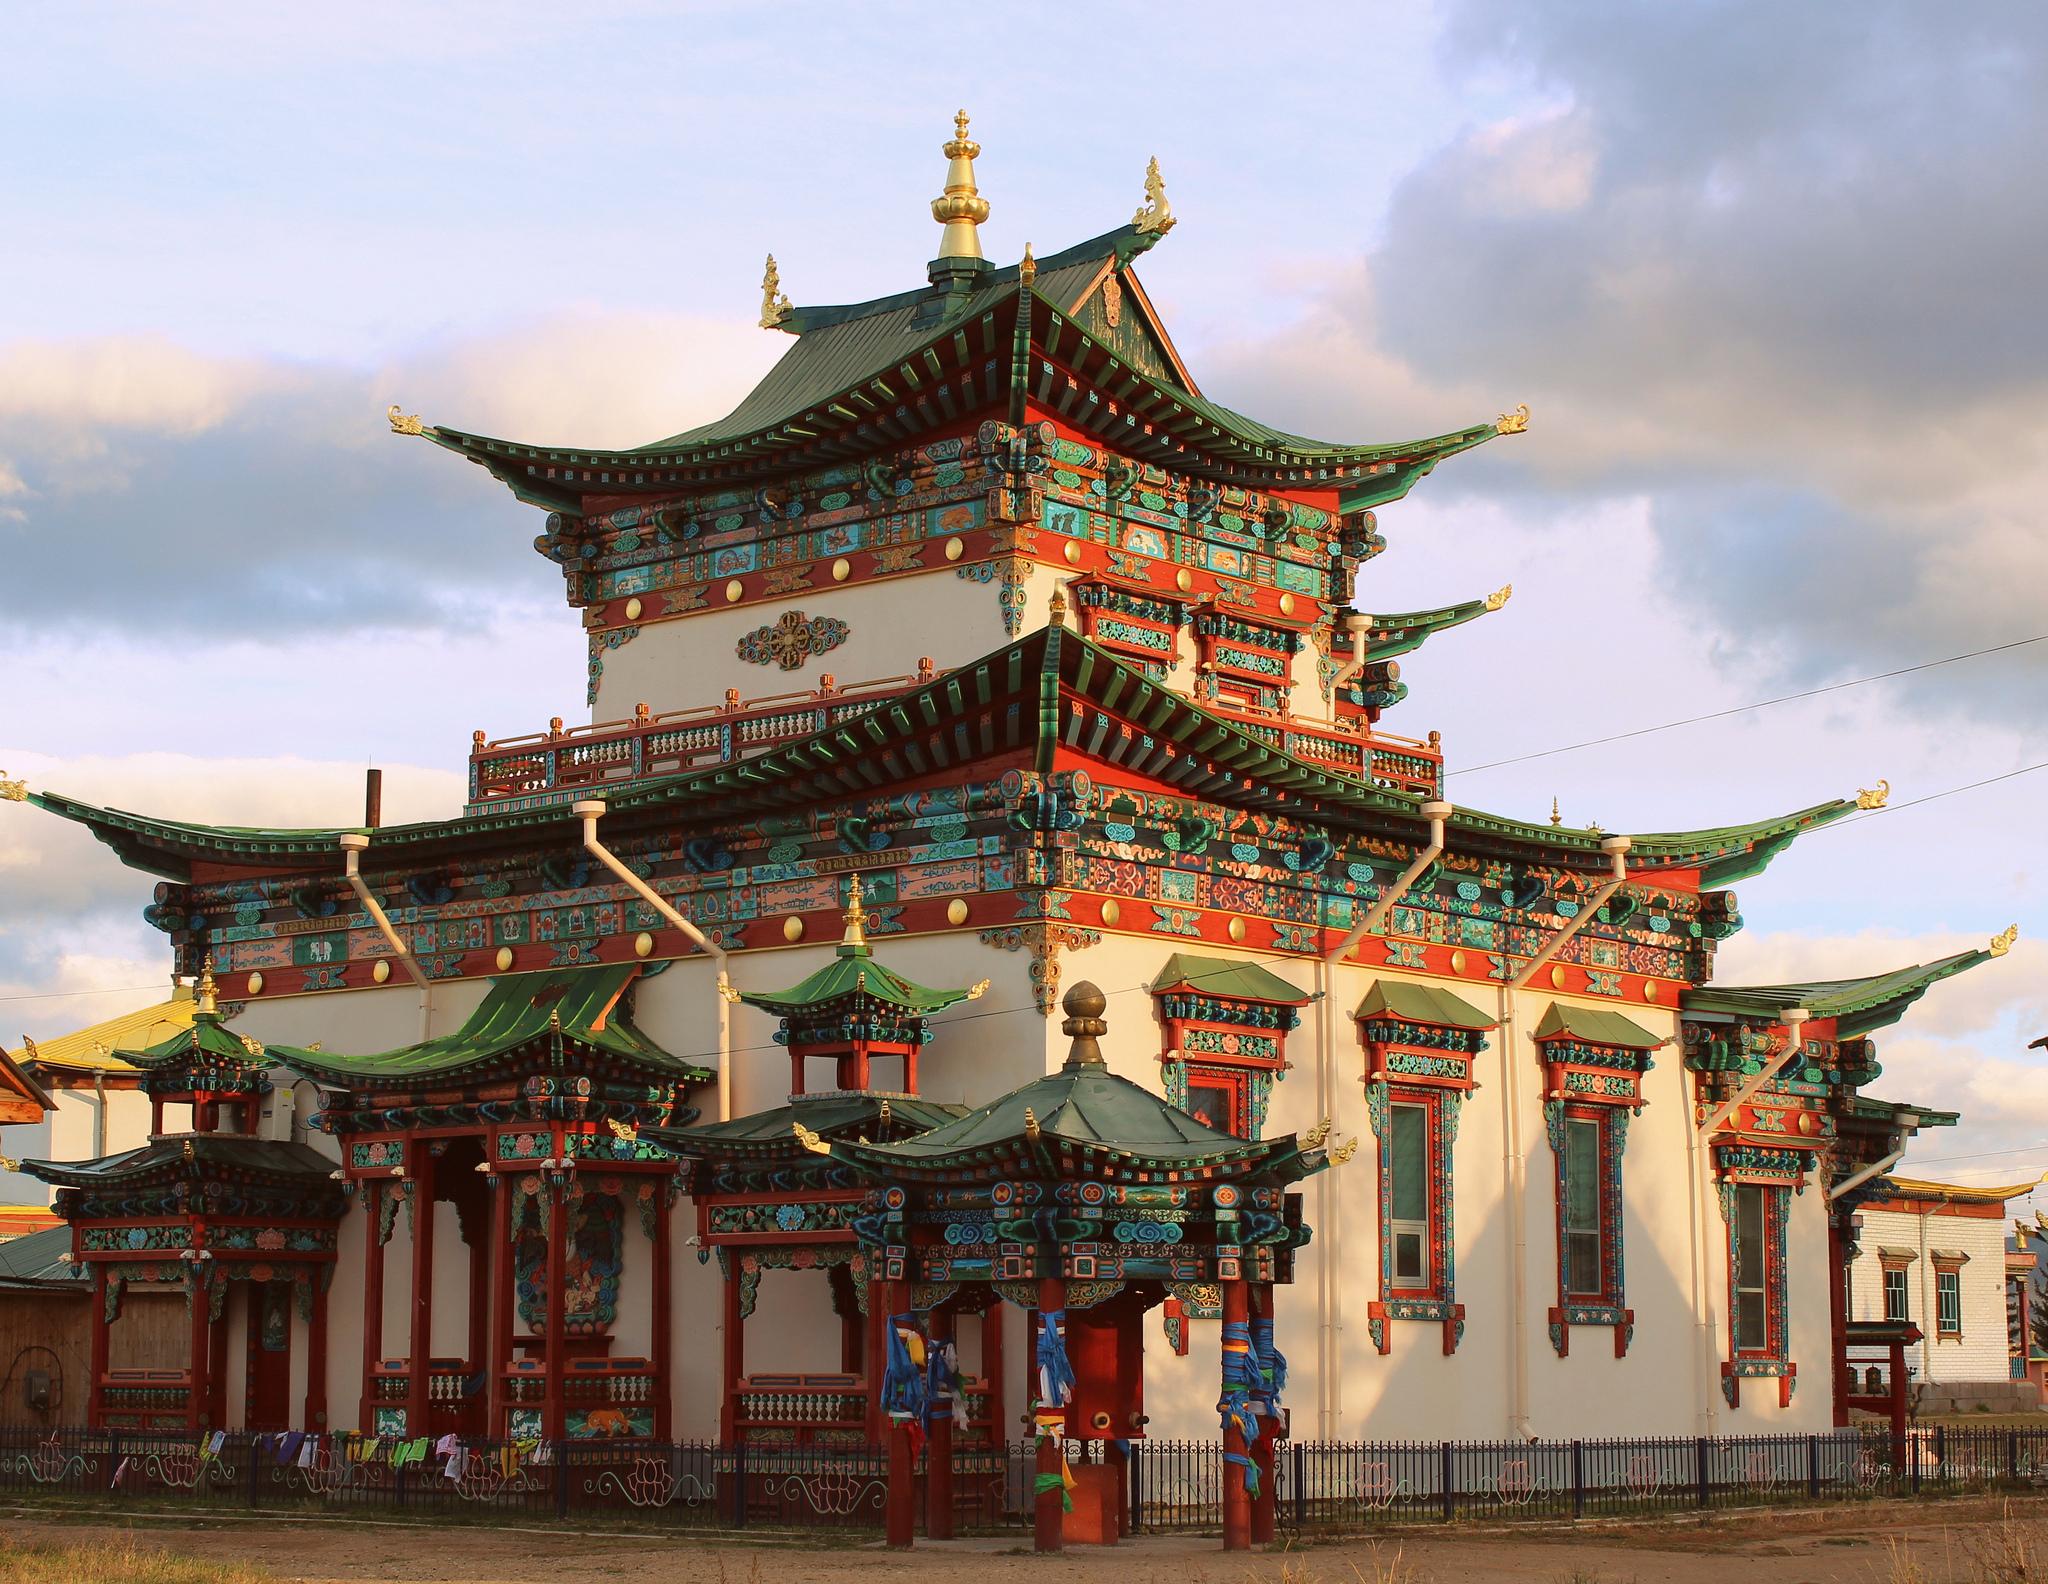 Лечение от алкоголизма в буддийских храмах бурятии лозунги о вреде наркомании и алкоголизма